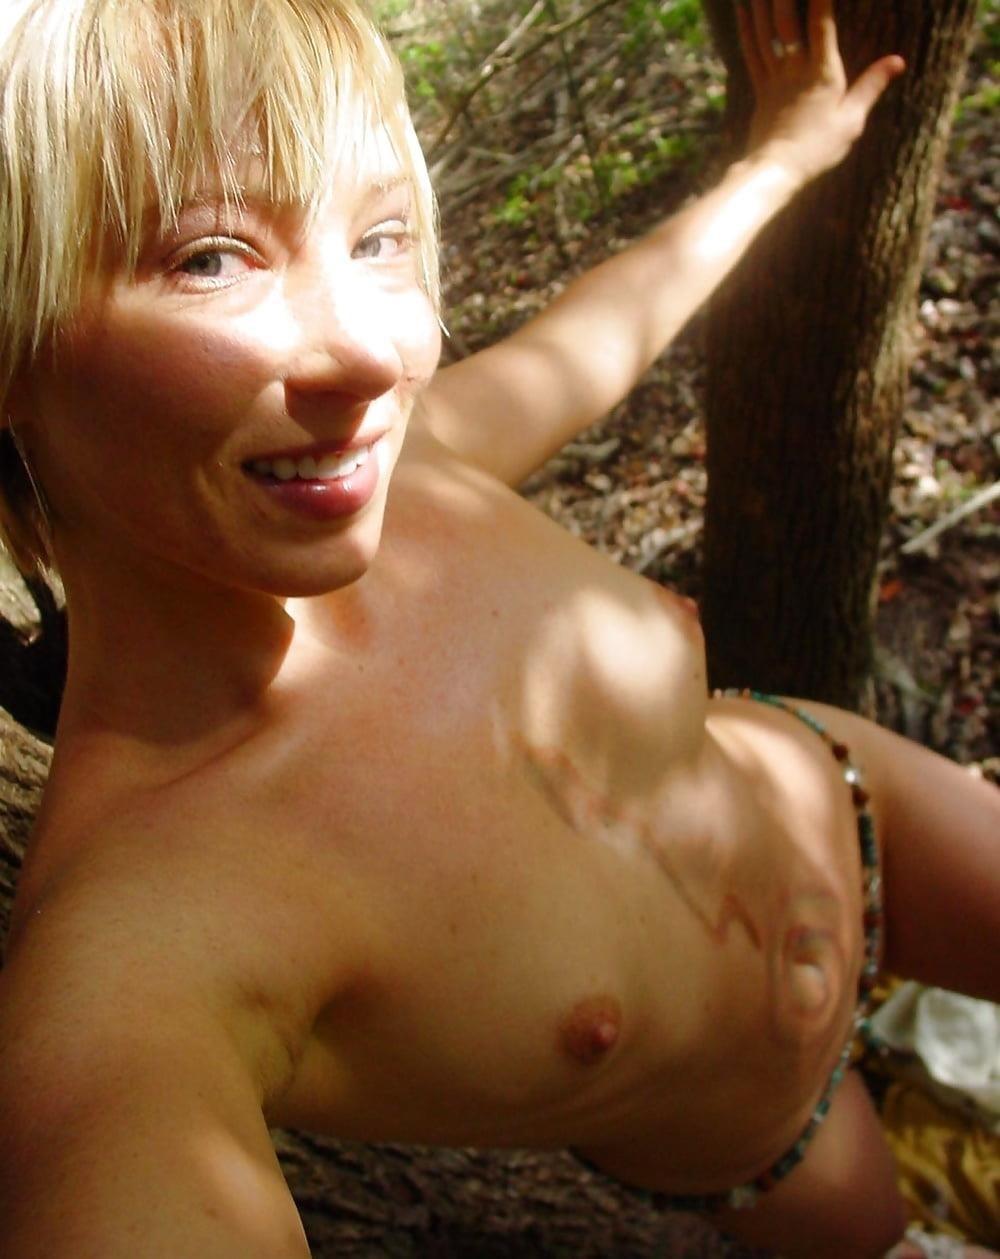 Girls taking naked selfies-5730